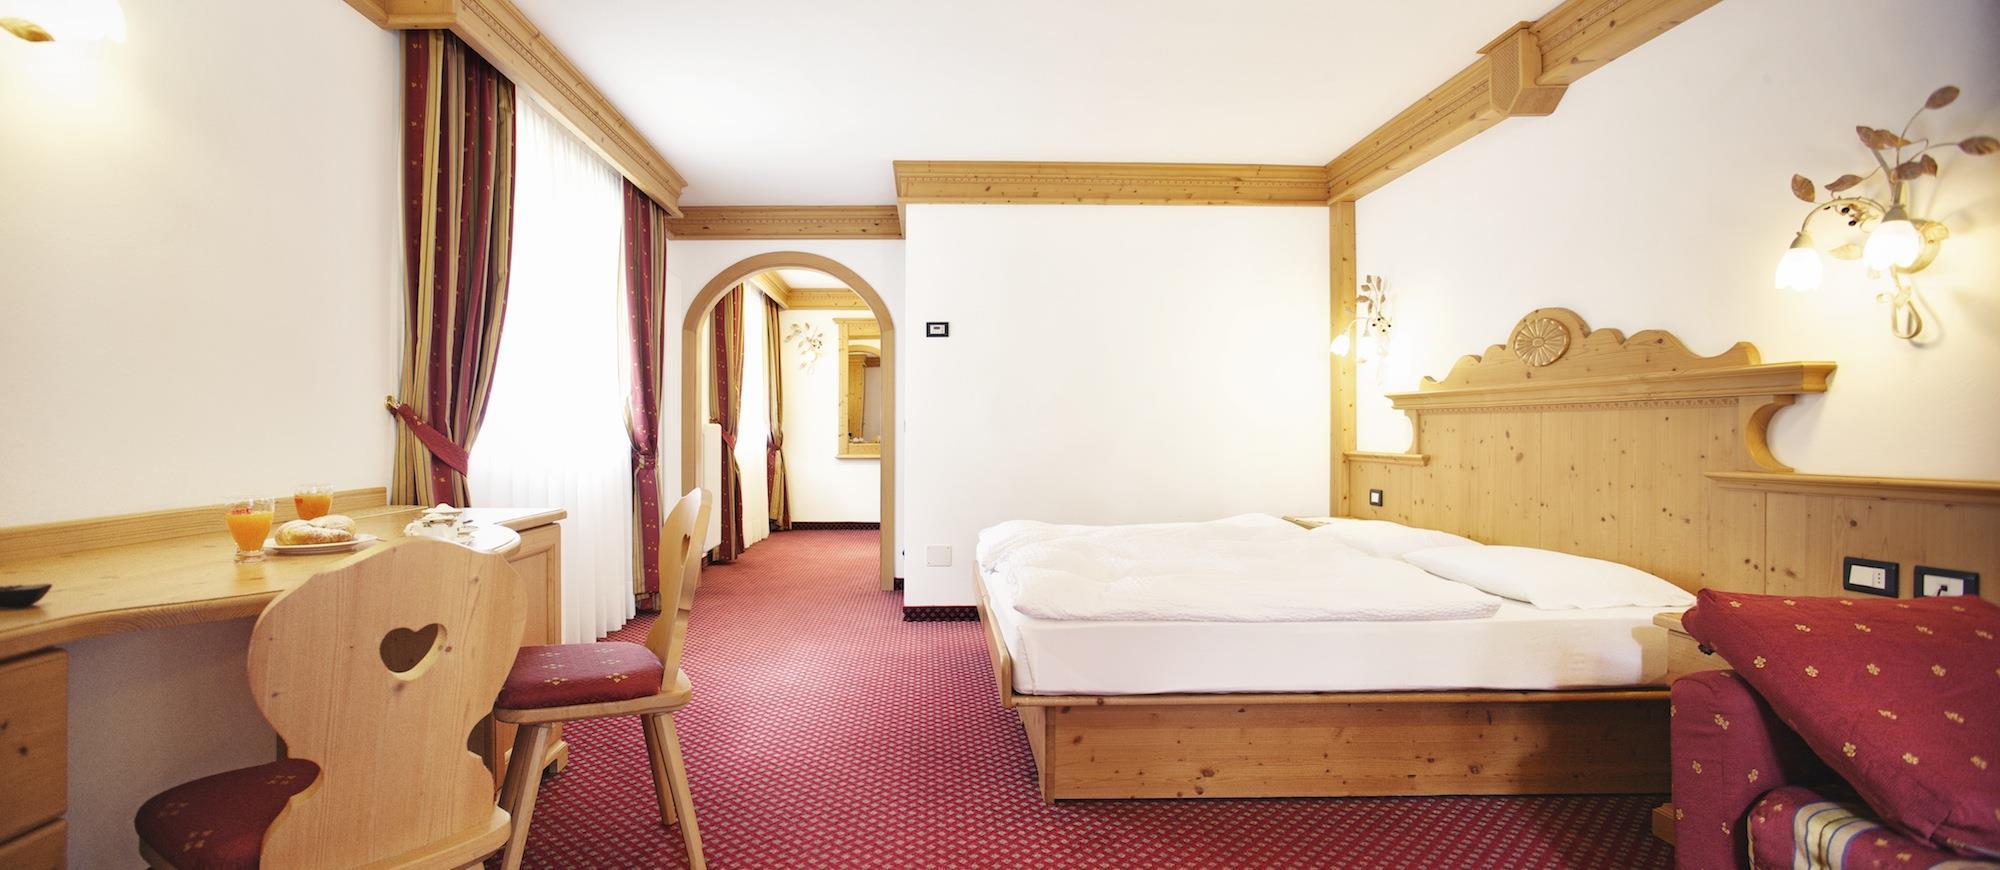 HOTEL_STELVIO_DOMINA__MG_9058